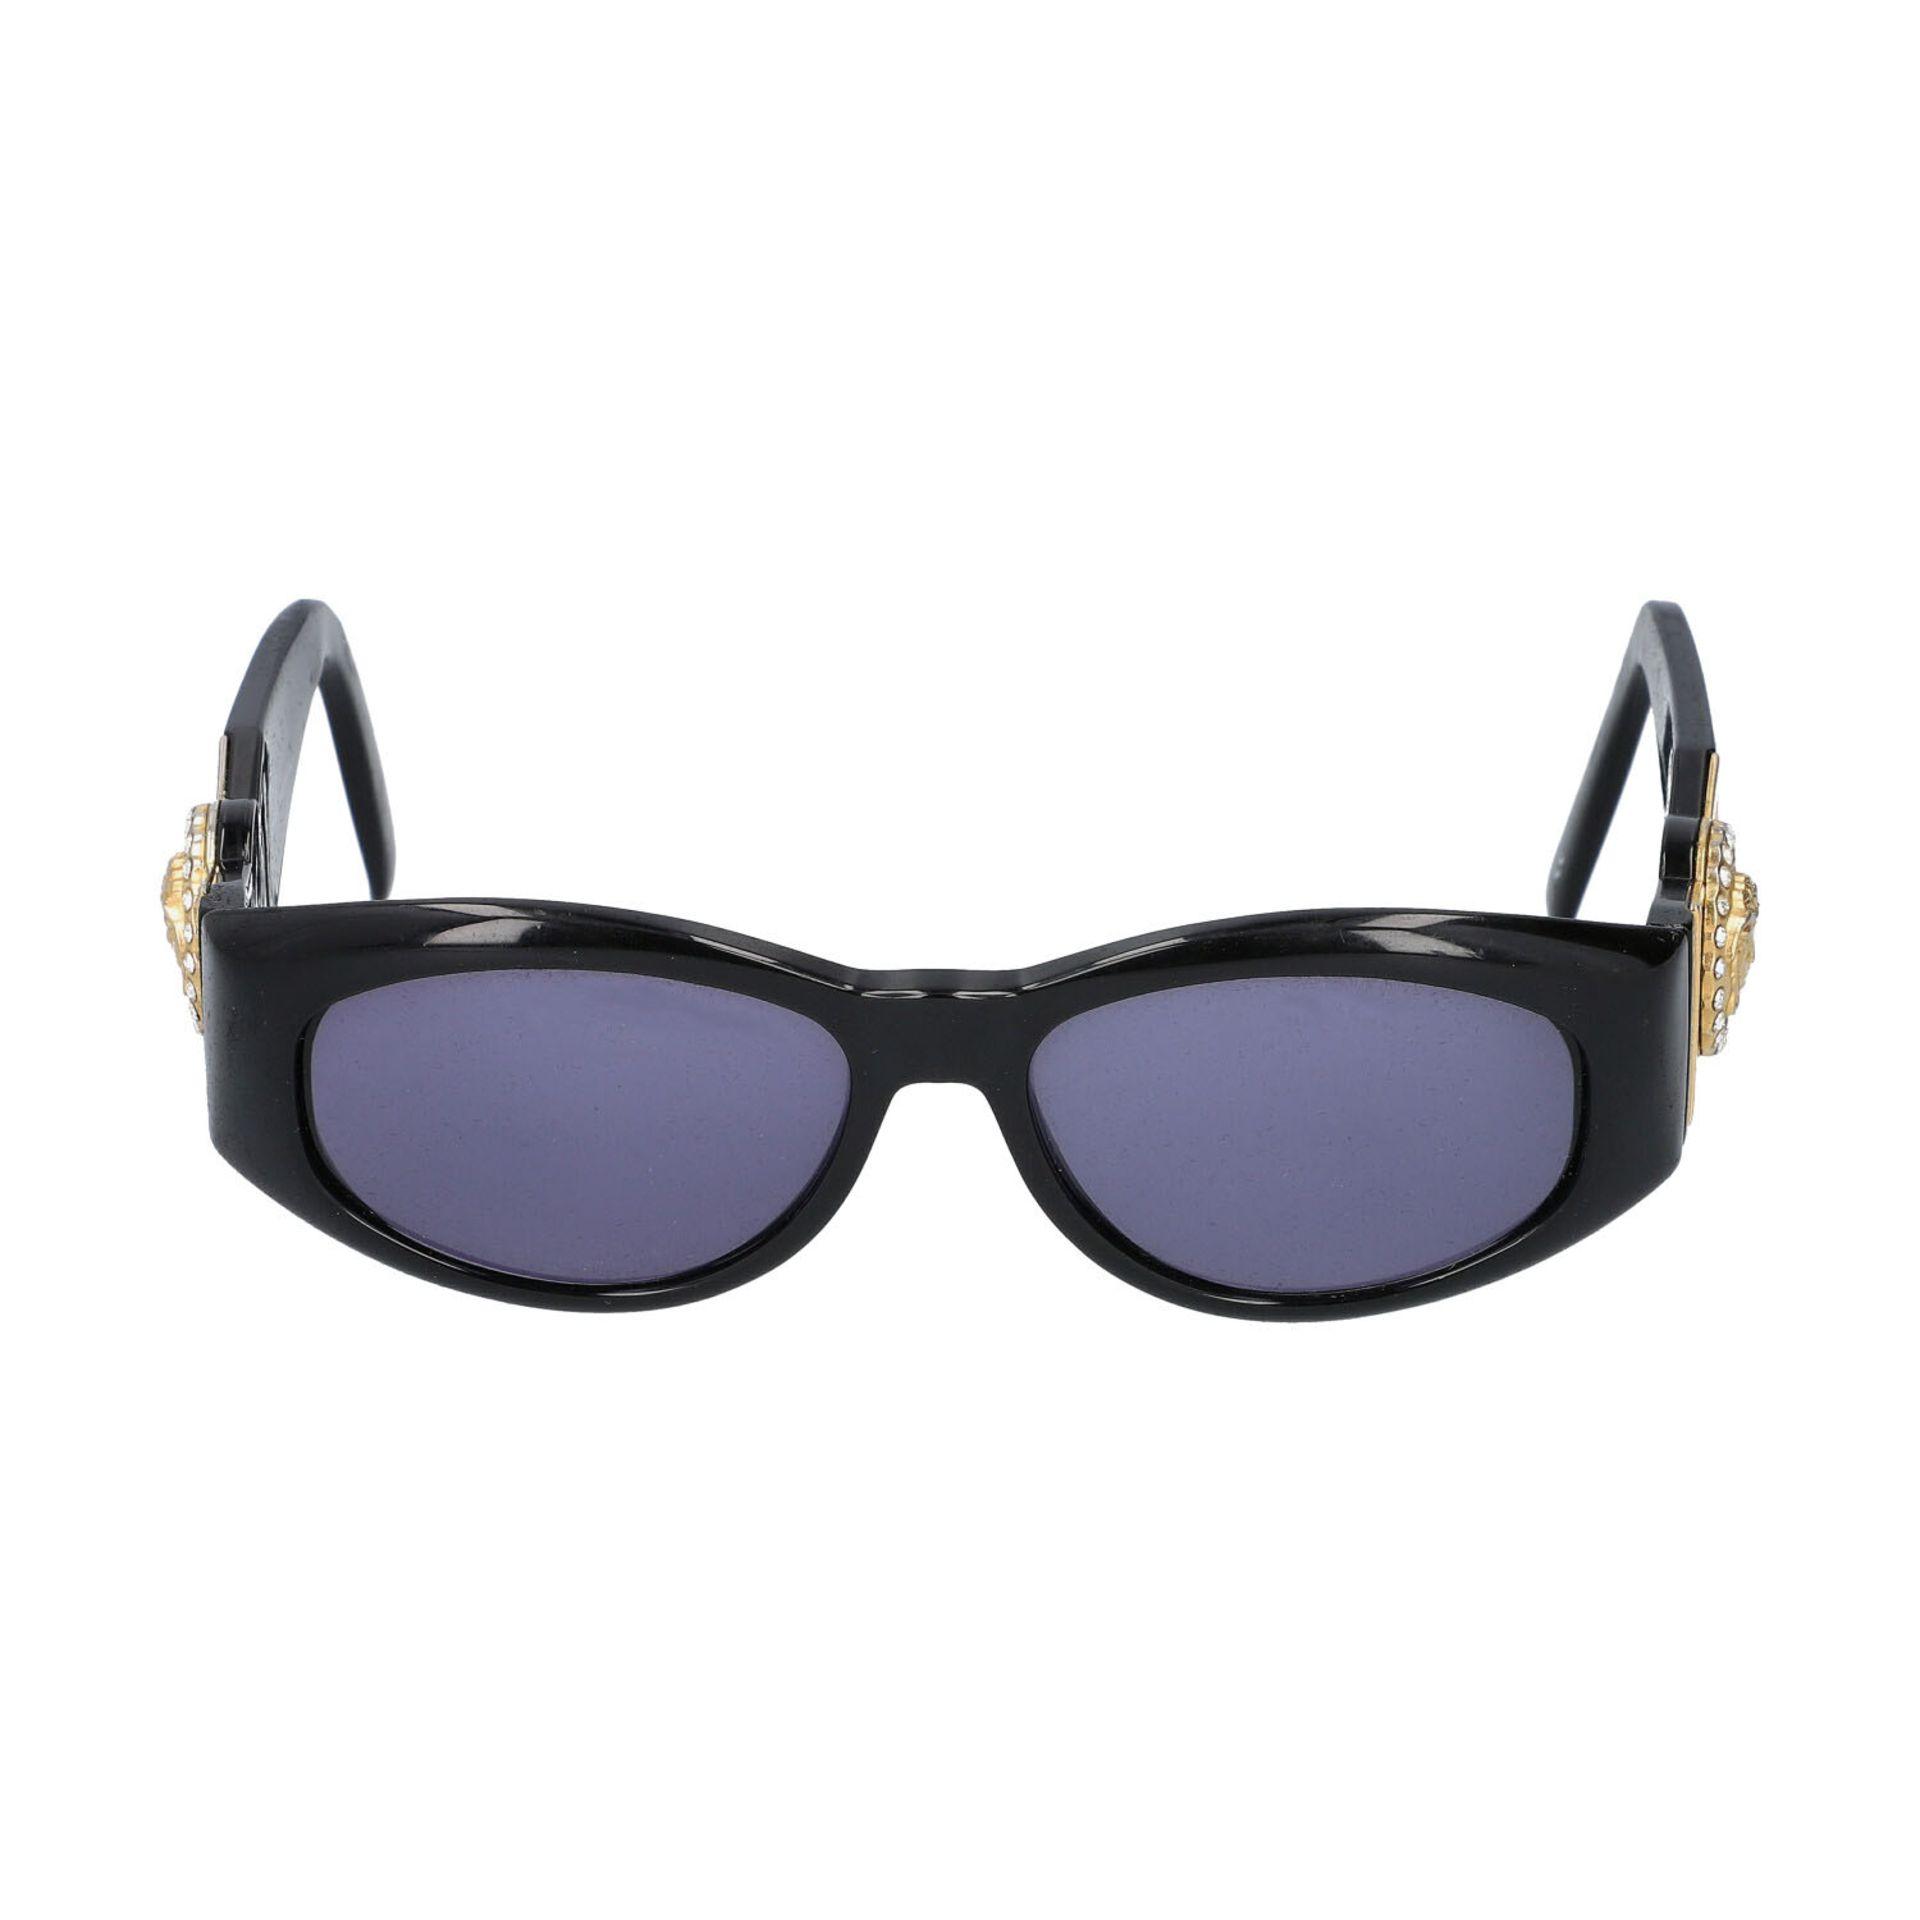 """GIANNI VERSACE VINTAGE Sonnenbrille """"MOD 424/C COL.852"""".Kunststoffgestell in Schwarz mit dekorativen"""